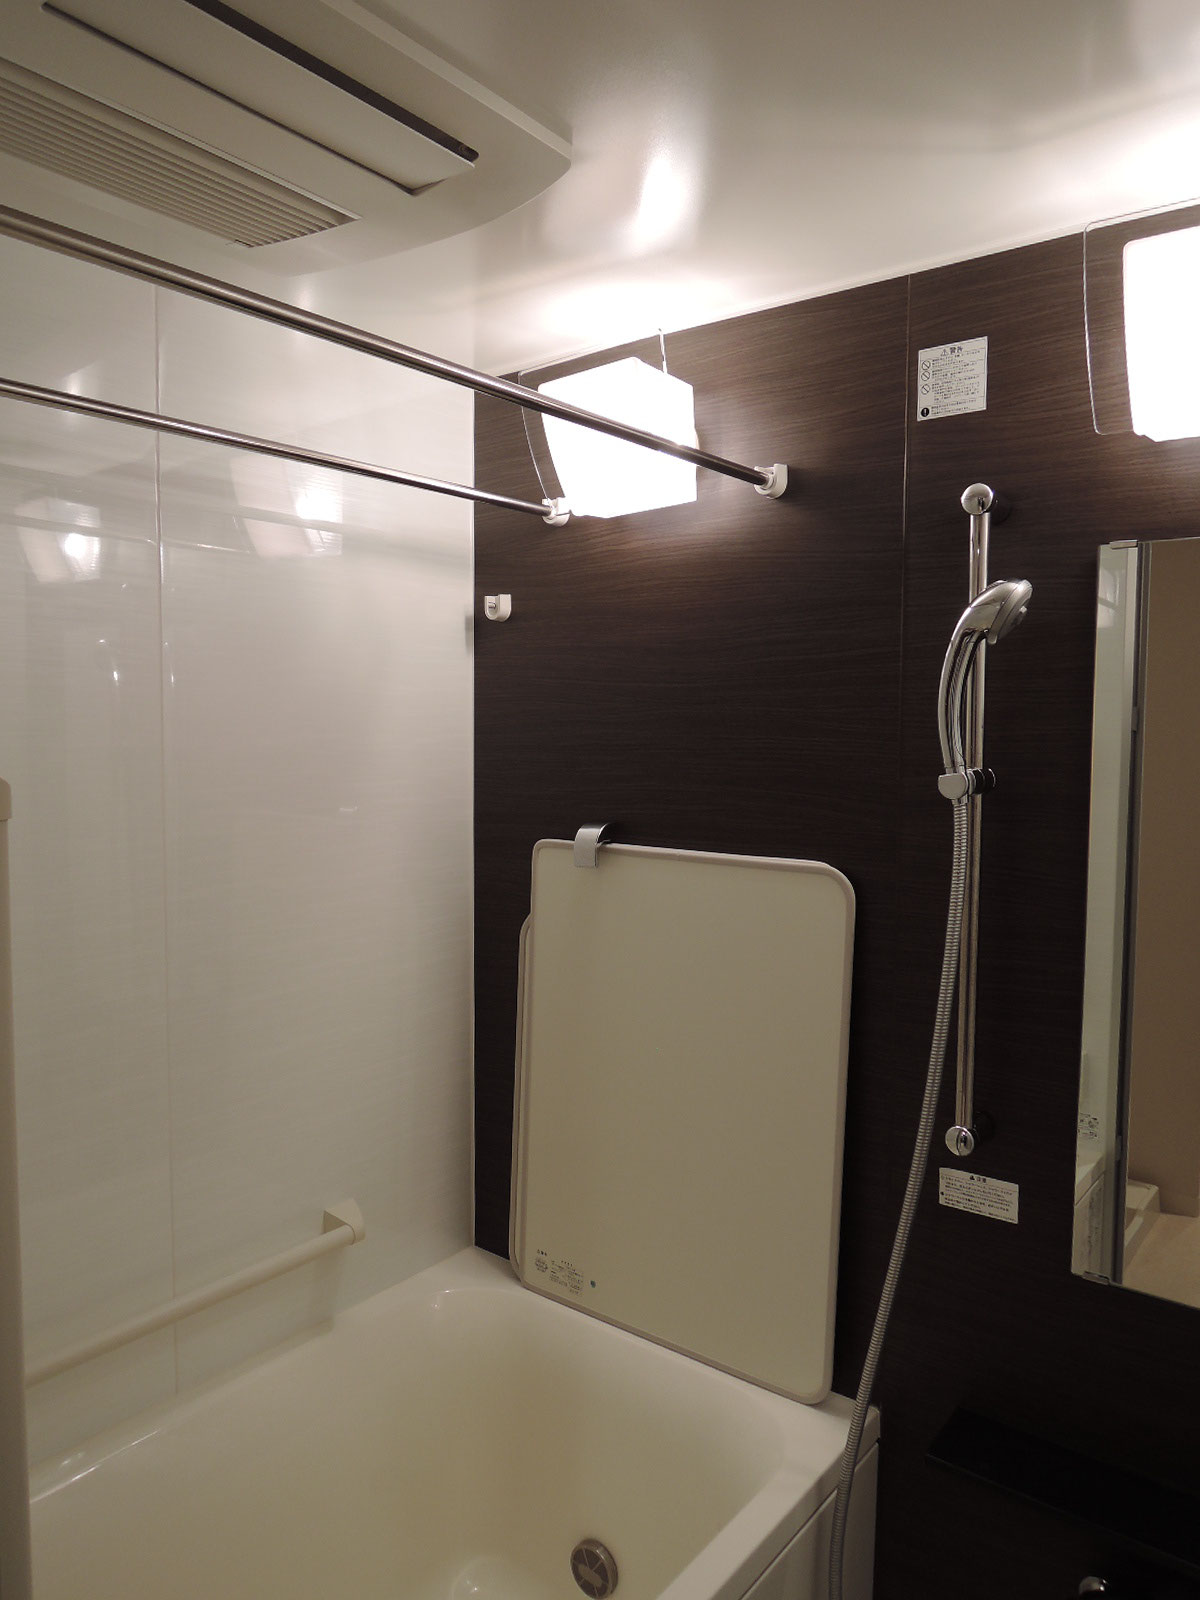 浴室暖房乾燥機付きのセミオートバス